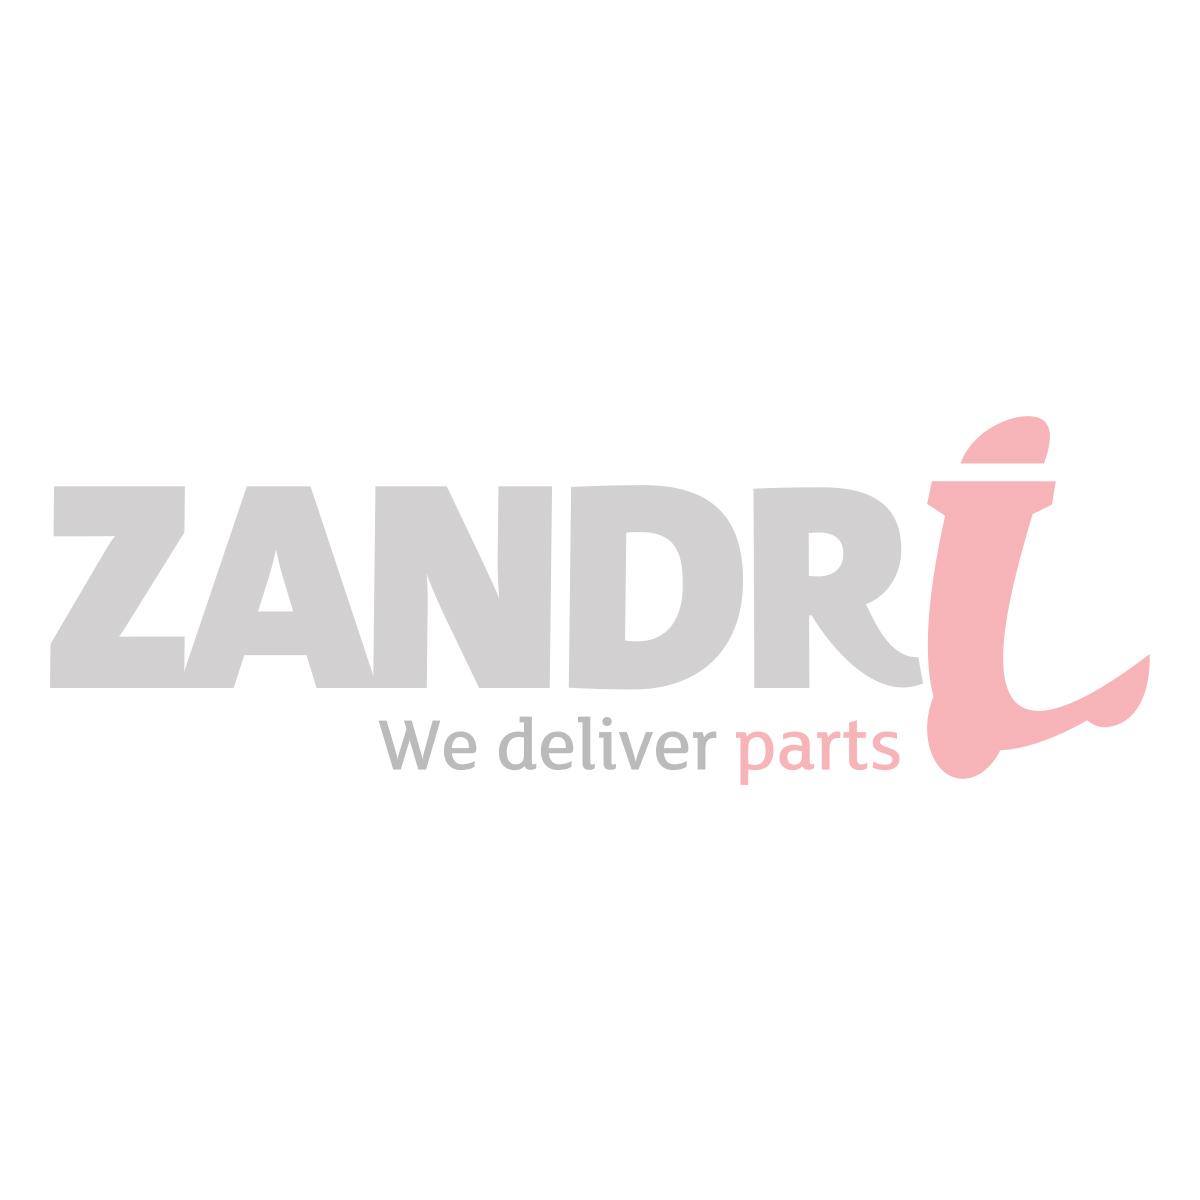 Begrenzer CDI Vespa Lx / Lxv / S / Primavera / Sprint / Piaggio Zip / New Fly / Liberty draadloos (snelheid instelbaar) 4T 2V EURO